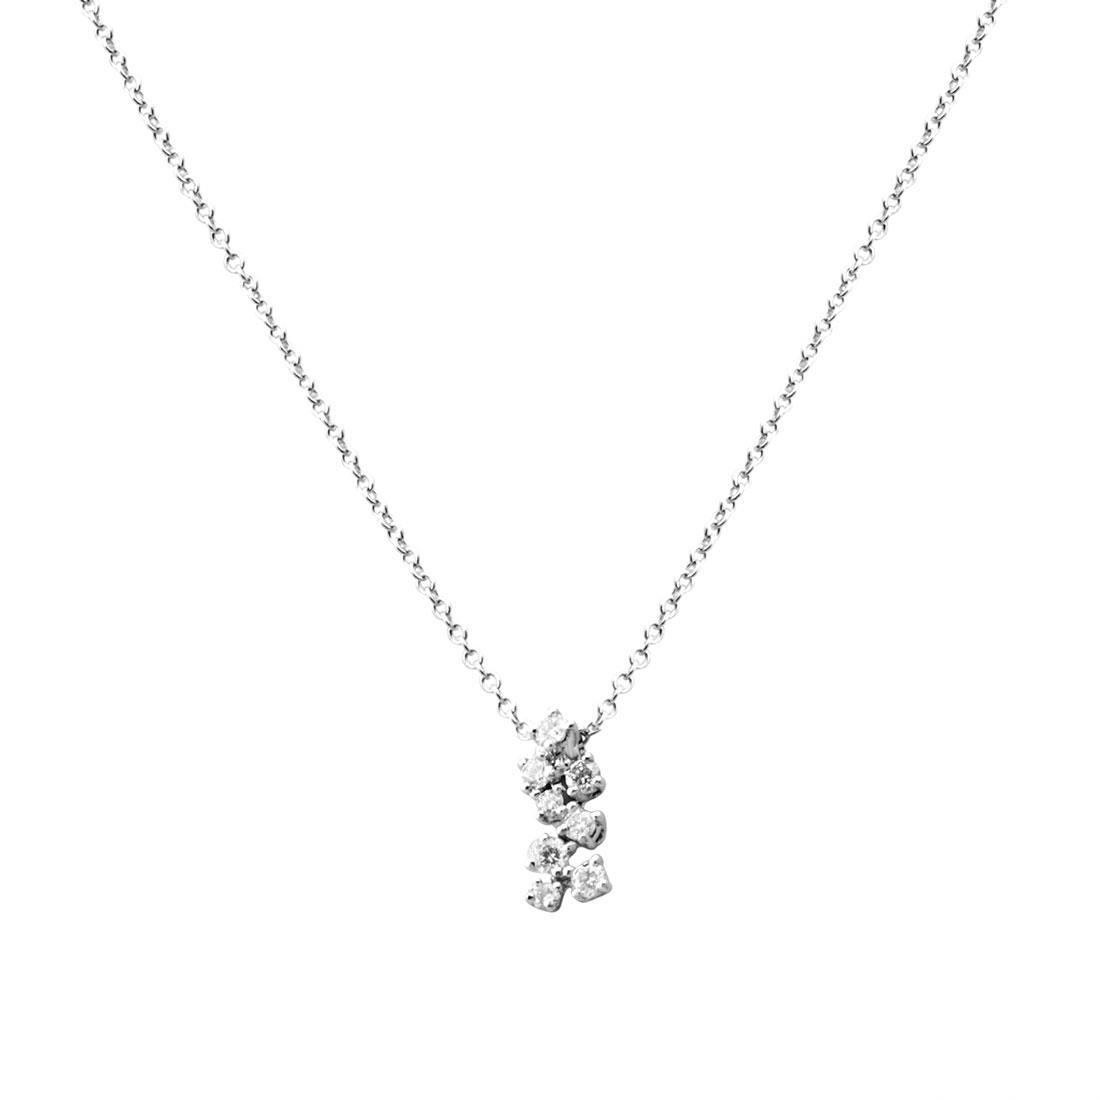 Collana in oro bianco con diamanti - BLISS